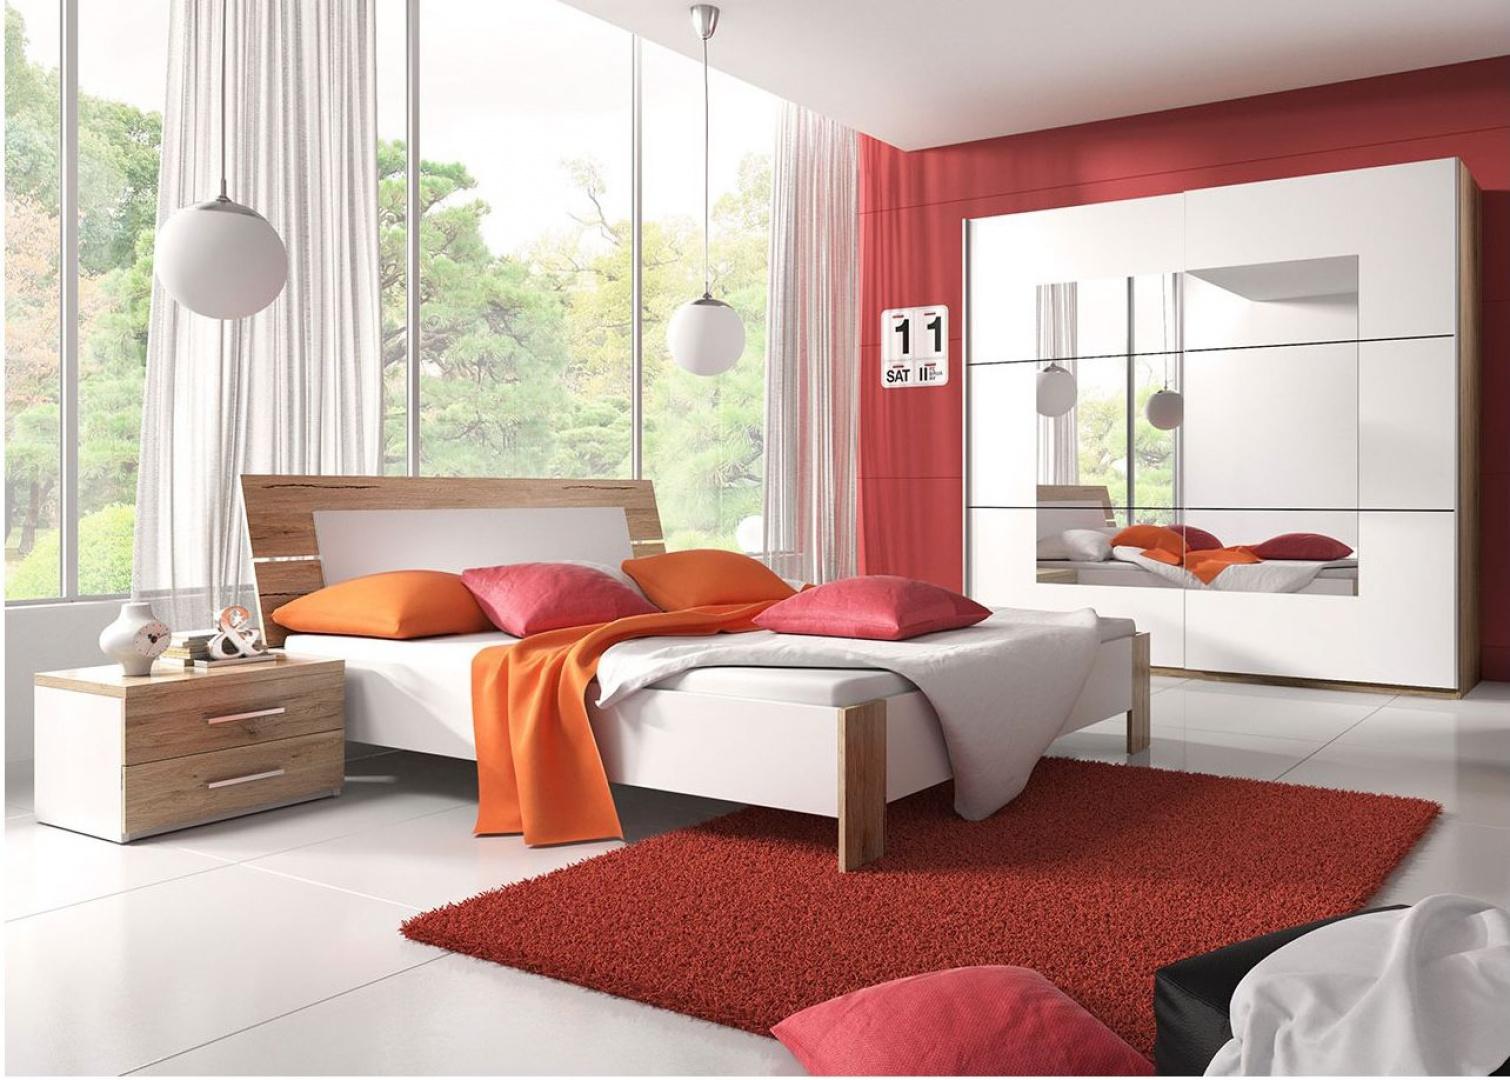 Jeśli lubimy mocne kolory, możemy wykorzystać w aranżacji kilka mocnych detali. Ściana, dywan i poduszki dekoracyjne czerwonym kolorze, zastawione z meblami w kolorze drewna spektakularnie ożywiają wnętrze, nie burząc jego harmonii. Fot. Furnite.pl.